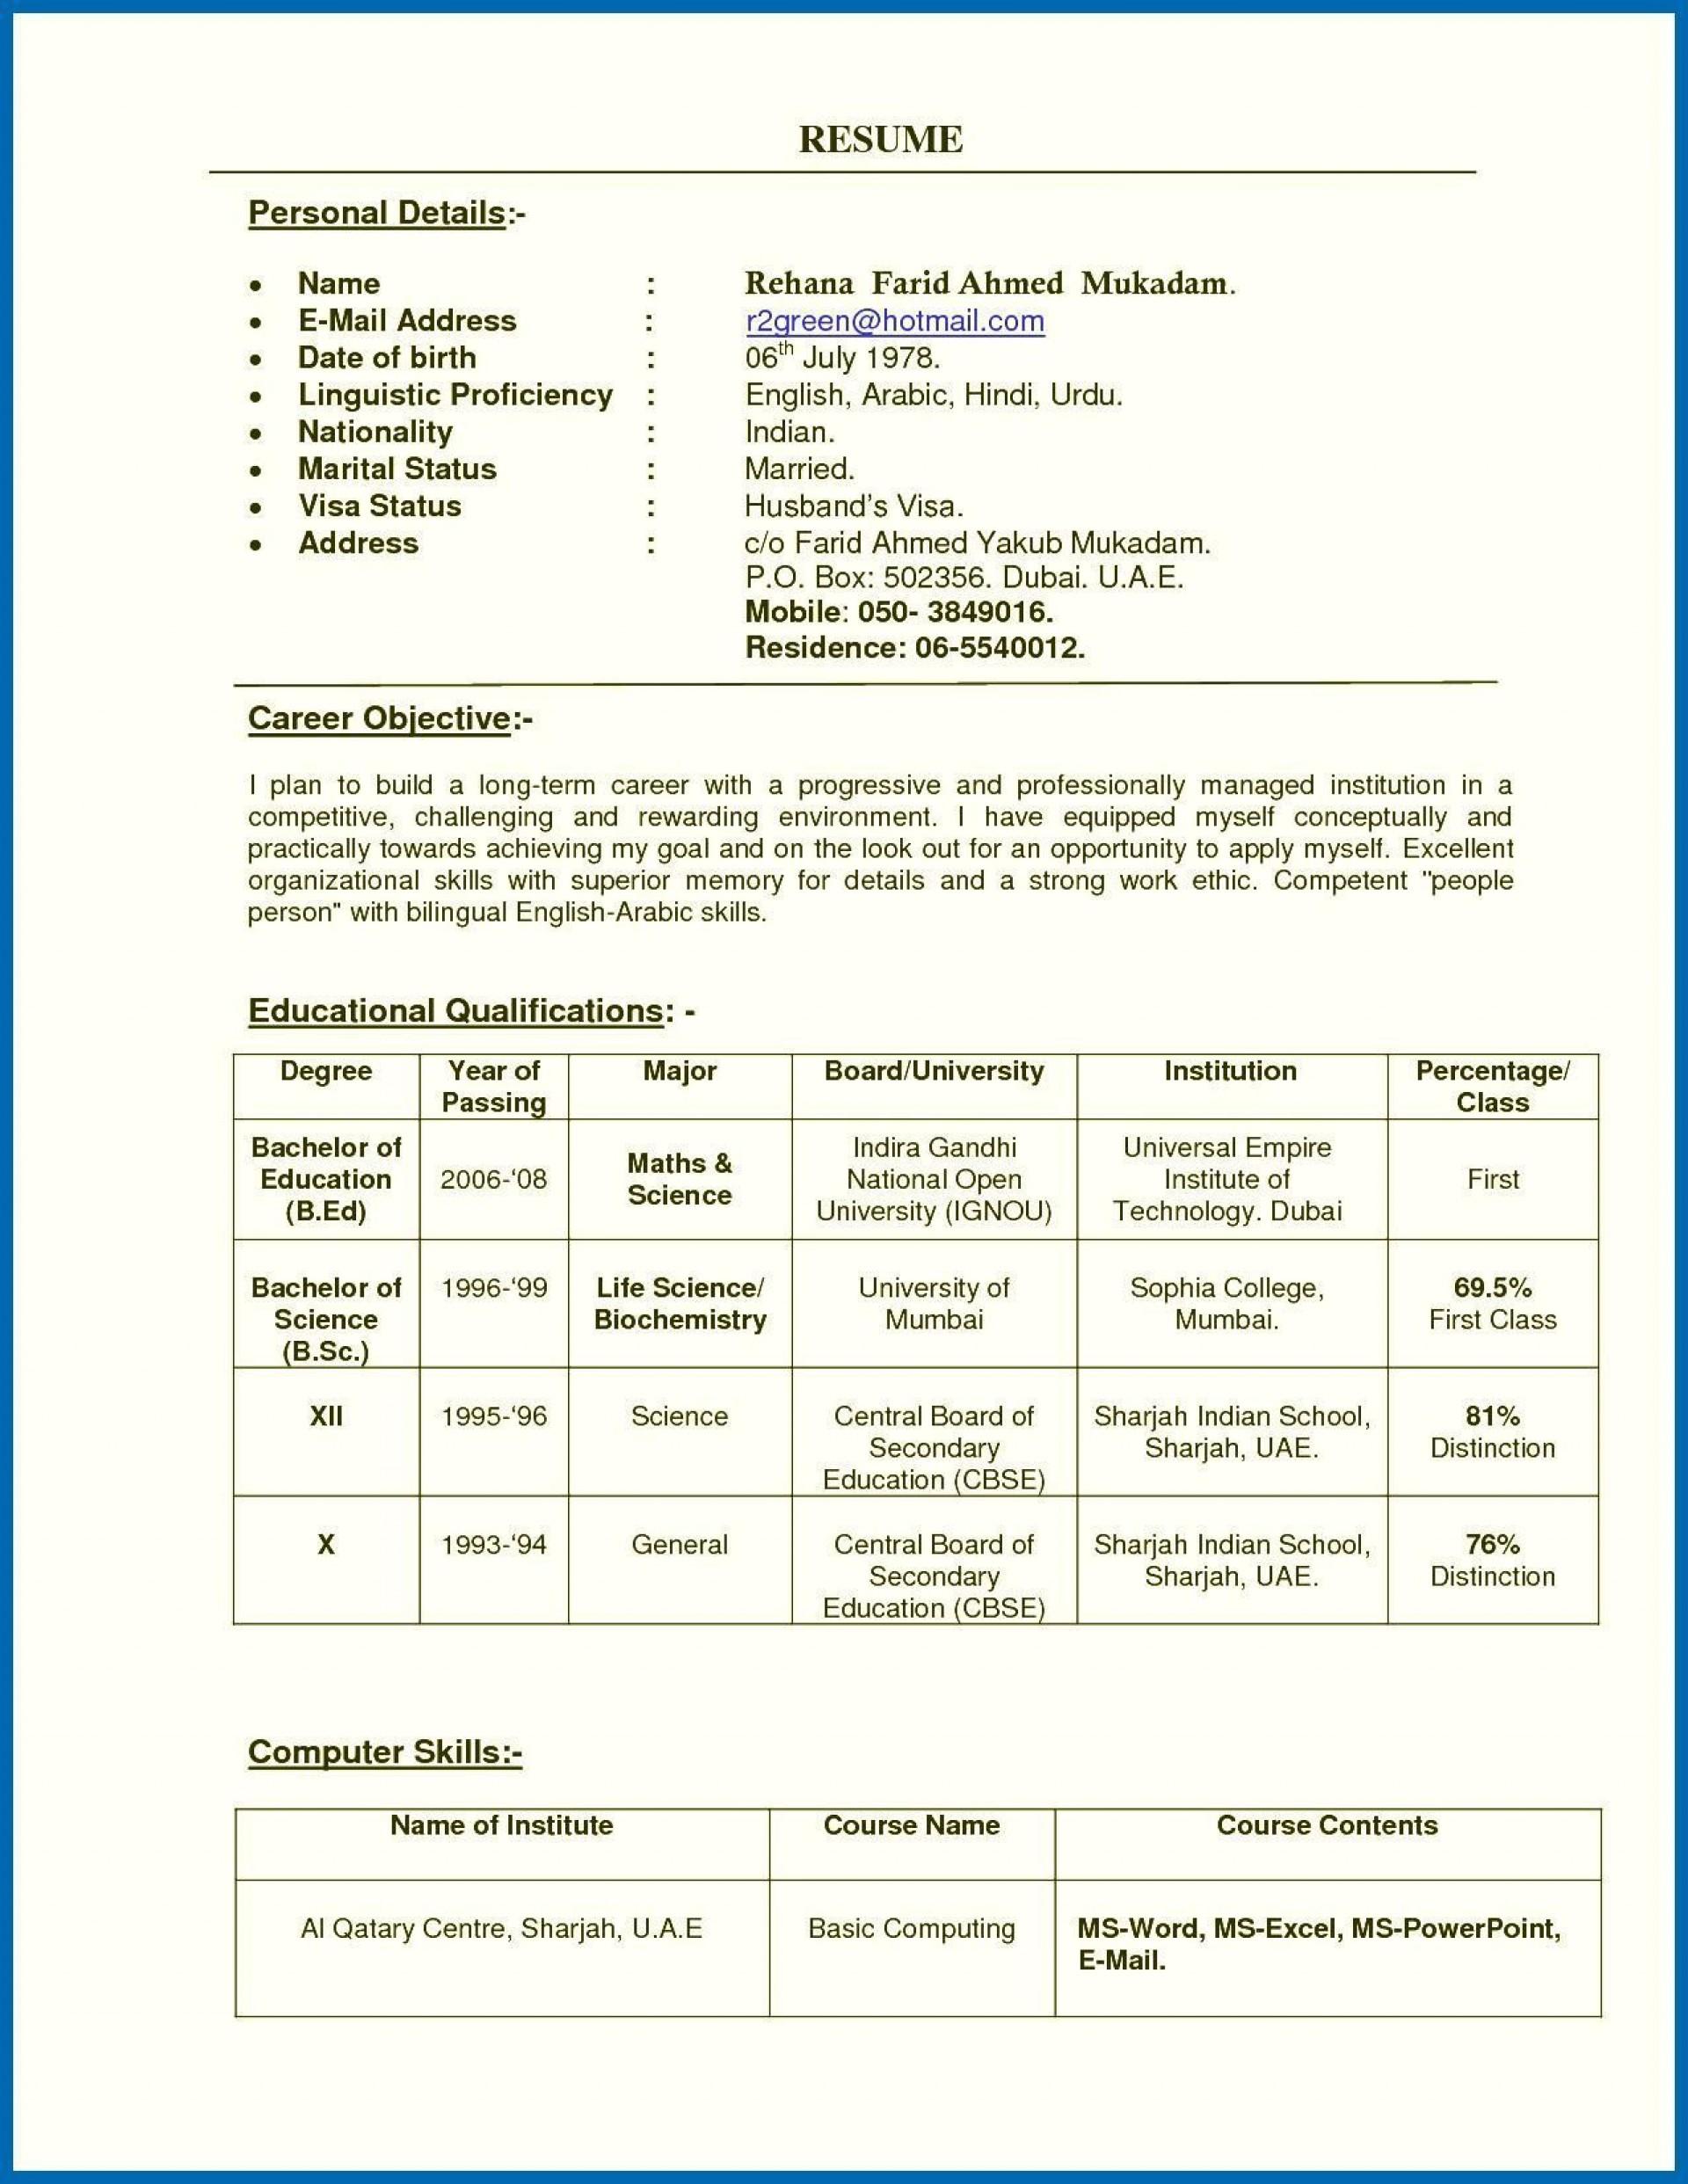 000 Striking Resume Example For Teacher Job Image  Sample Cv School1920